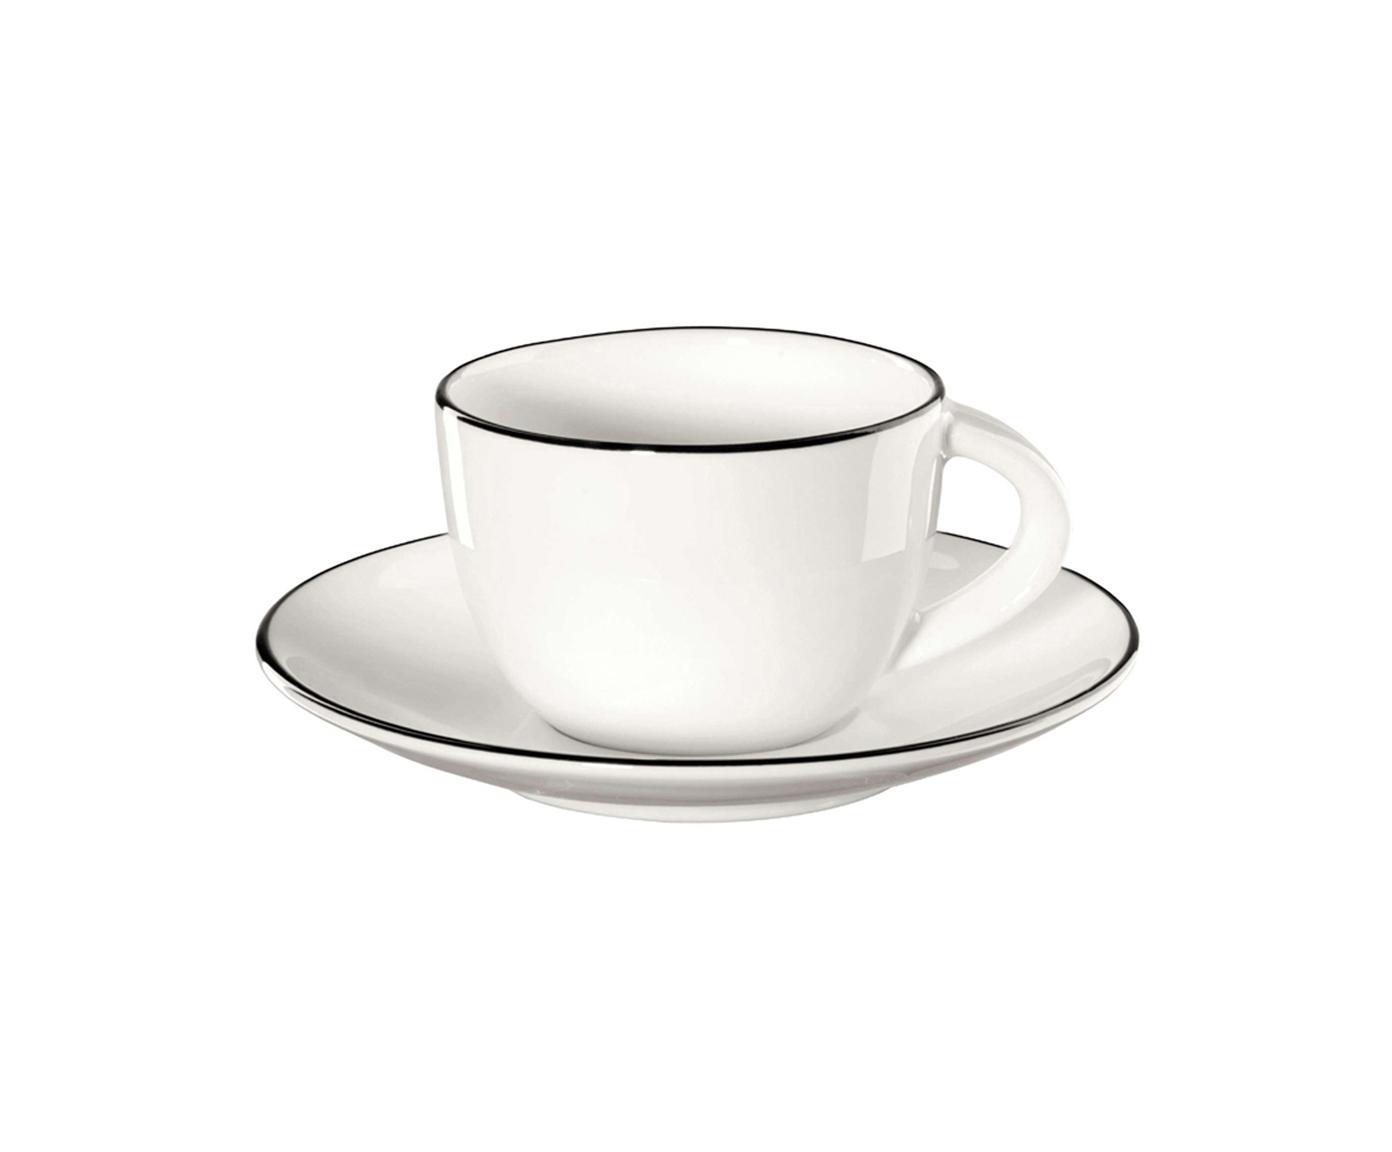 Espressotassen mit Untertassen á table ligne noir, 4 Stück, Fine Bone China, Weiss<br>Rand: Schwarz, Ø 6 x H 5 cm